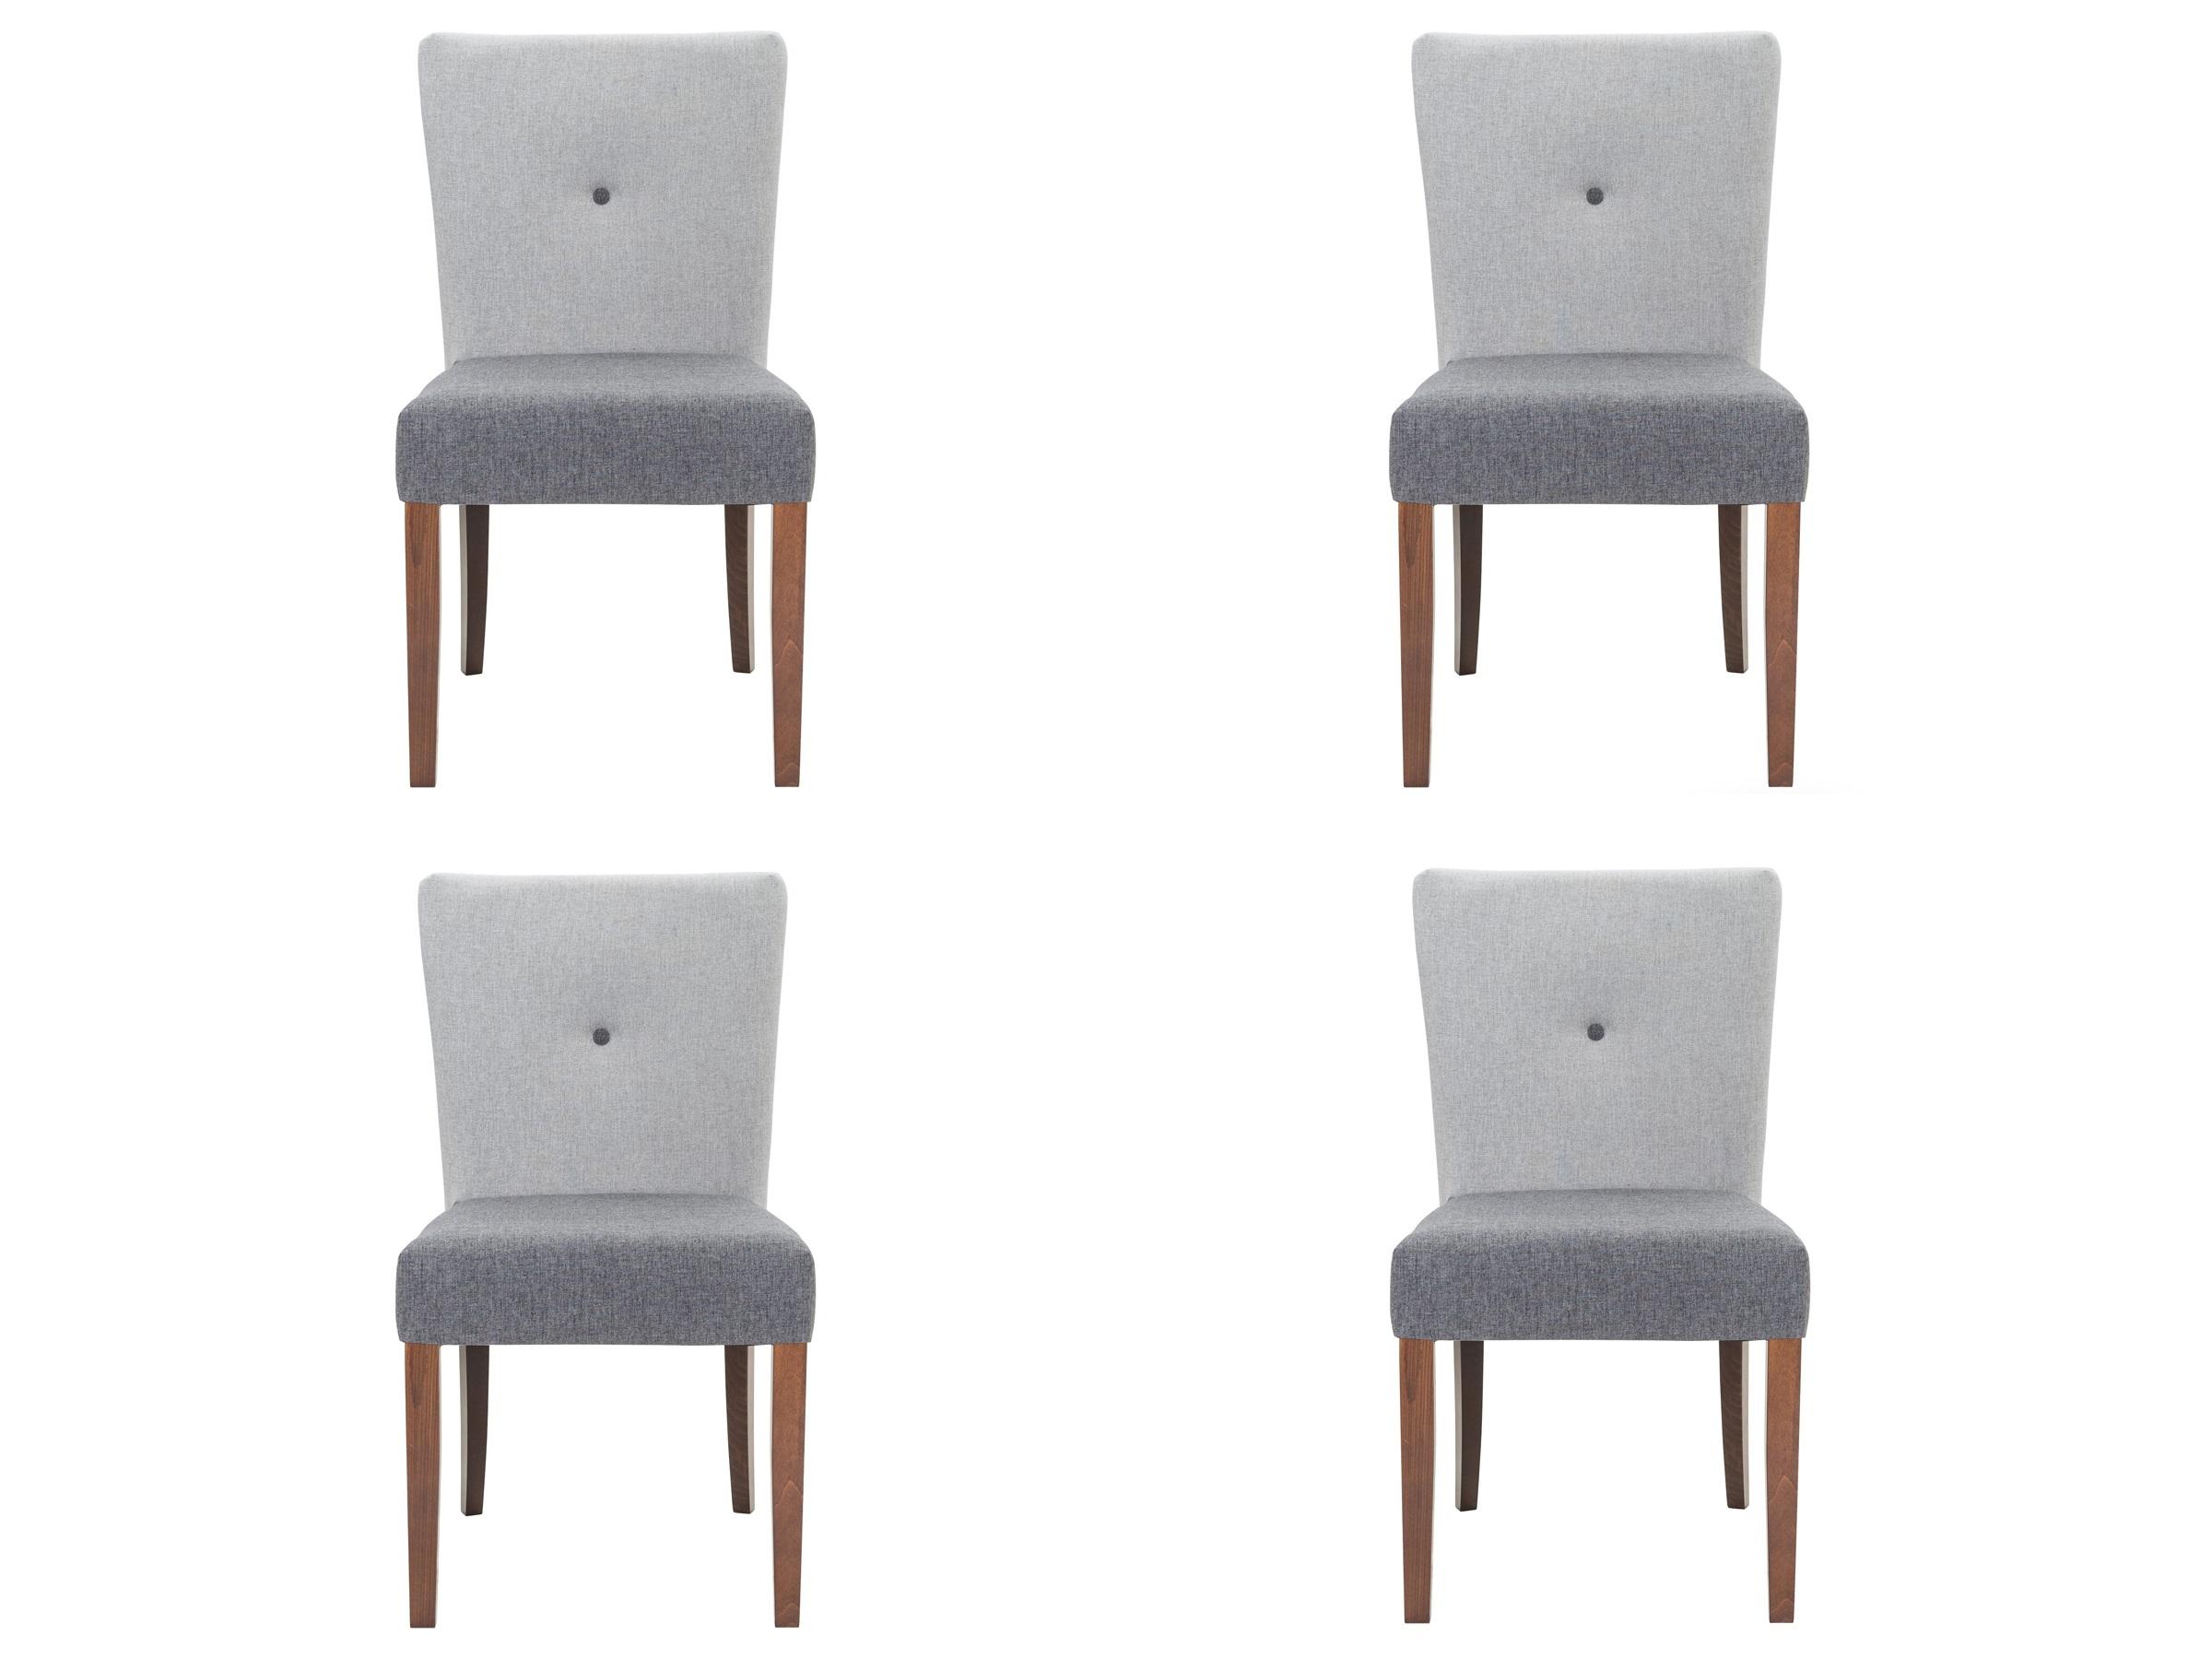 Комплект из 4 стульев ButtonКомплекты<br>&amp;lt;div&amp;gt;&amp;lt;span style=&amp;quot;font-size: 14px;&amp;quot;&amp;gt;Стул &amp;quot;Button&amp;quot; - образец скандинавского минимализма и трепетного отношения к экологичным материалам. С ним вы сможете сформировать совершенно новый образ вашего интерьера или одним элегантным штрихом дополнить уже имеющийся.&amp;lt;/span&amp;gt;&amp;lt;br&amp;gt;&amp;lt;/div&amp;gt;&amp;lt;div&amp;gt;&amp;lt;br&amp;gt;&amp;lt;/div&amp;gt;Высота сиденья: 49 см.&amp;lt;div&amp;gt;Ножки: орех.&amp;lt;br&amp;gt;&amp;lt;/div&amp;gt;<br><br>Material: Текстиль<br>Ширина см: 49<br>Высота см: 87<br>Глубина см: 54